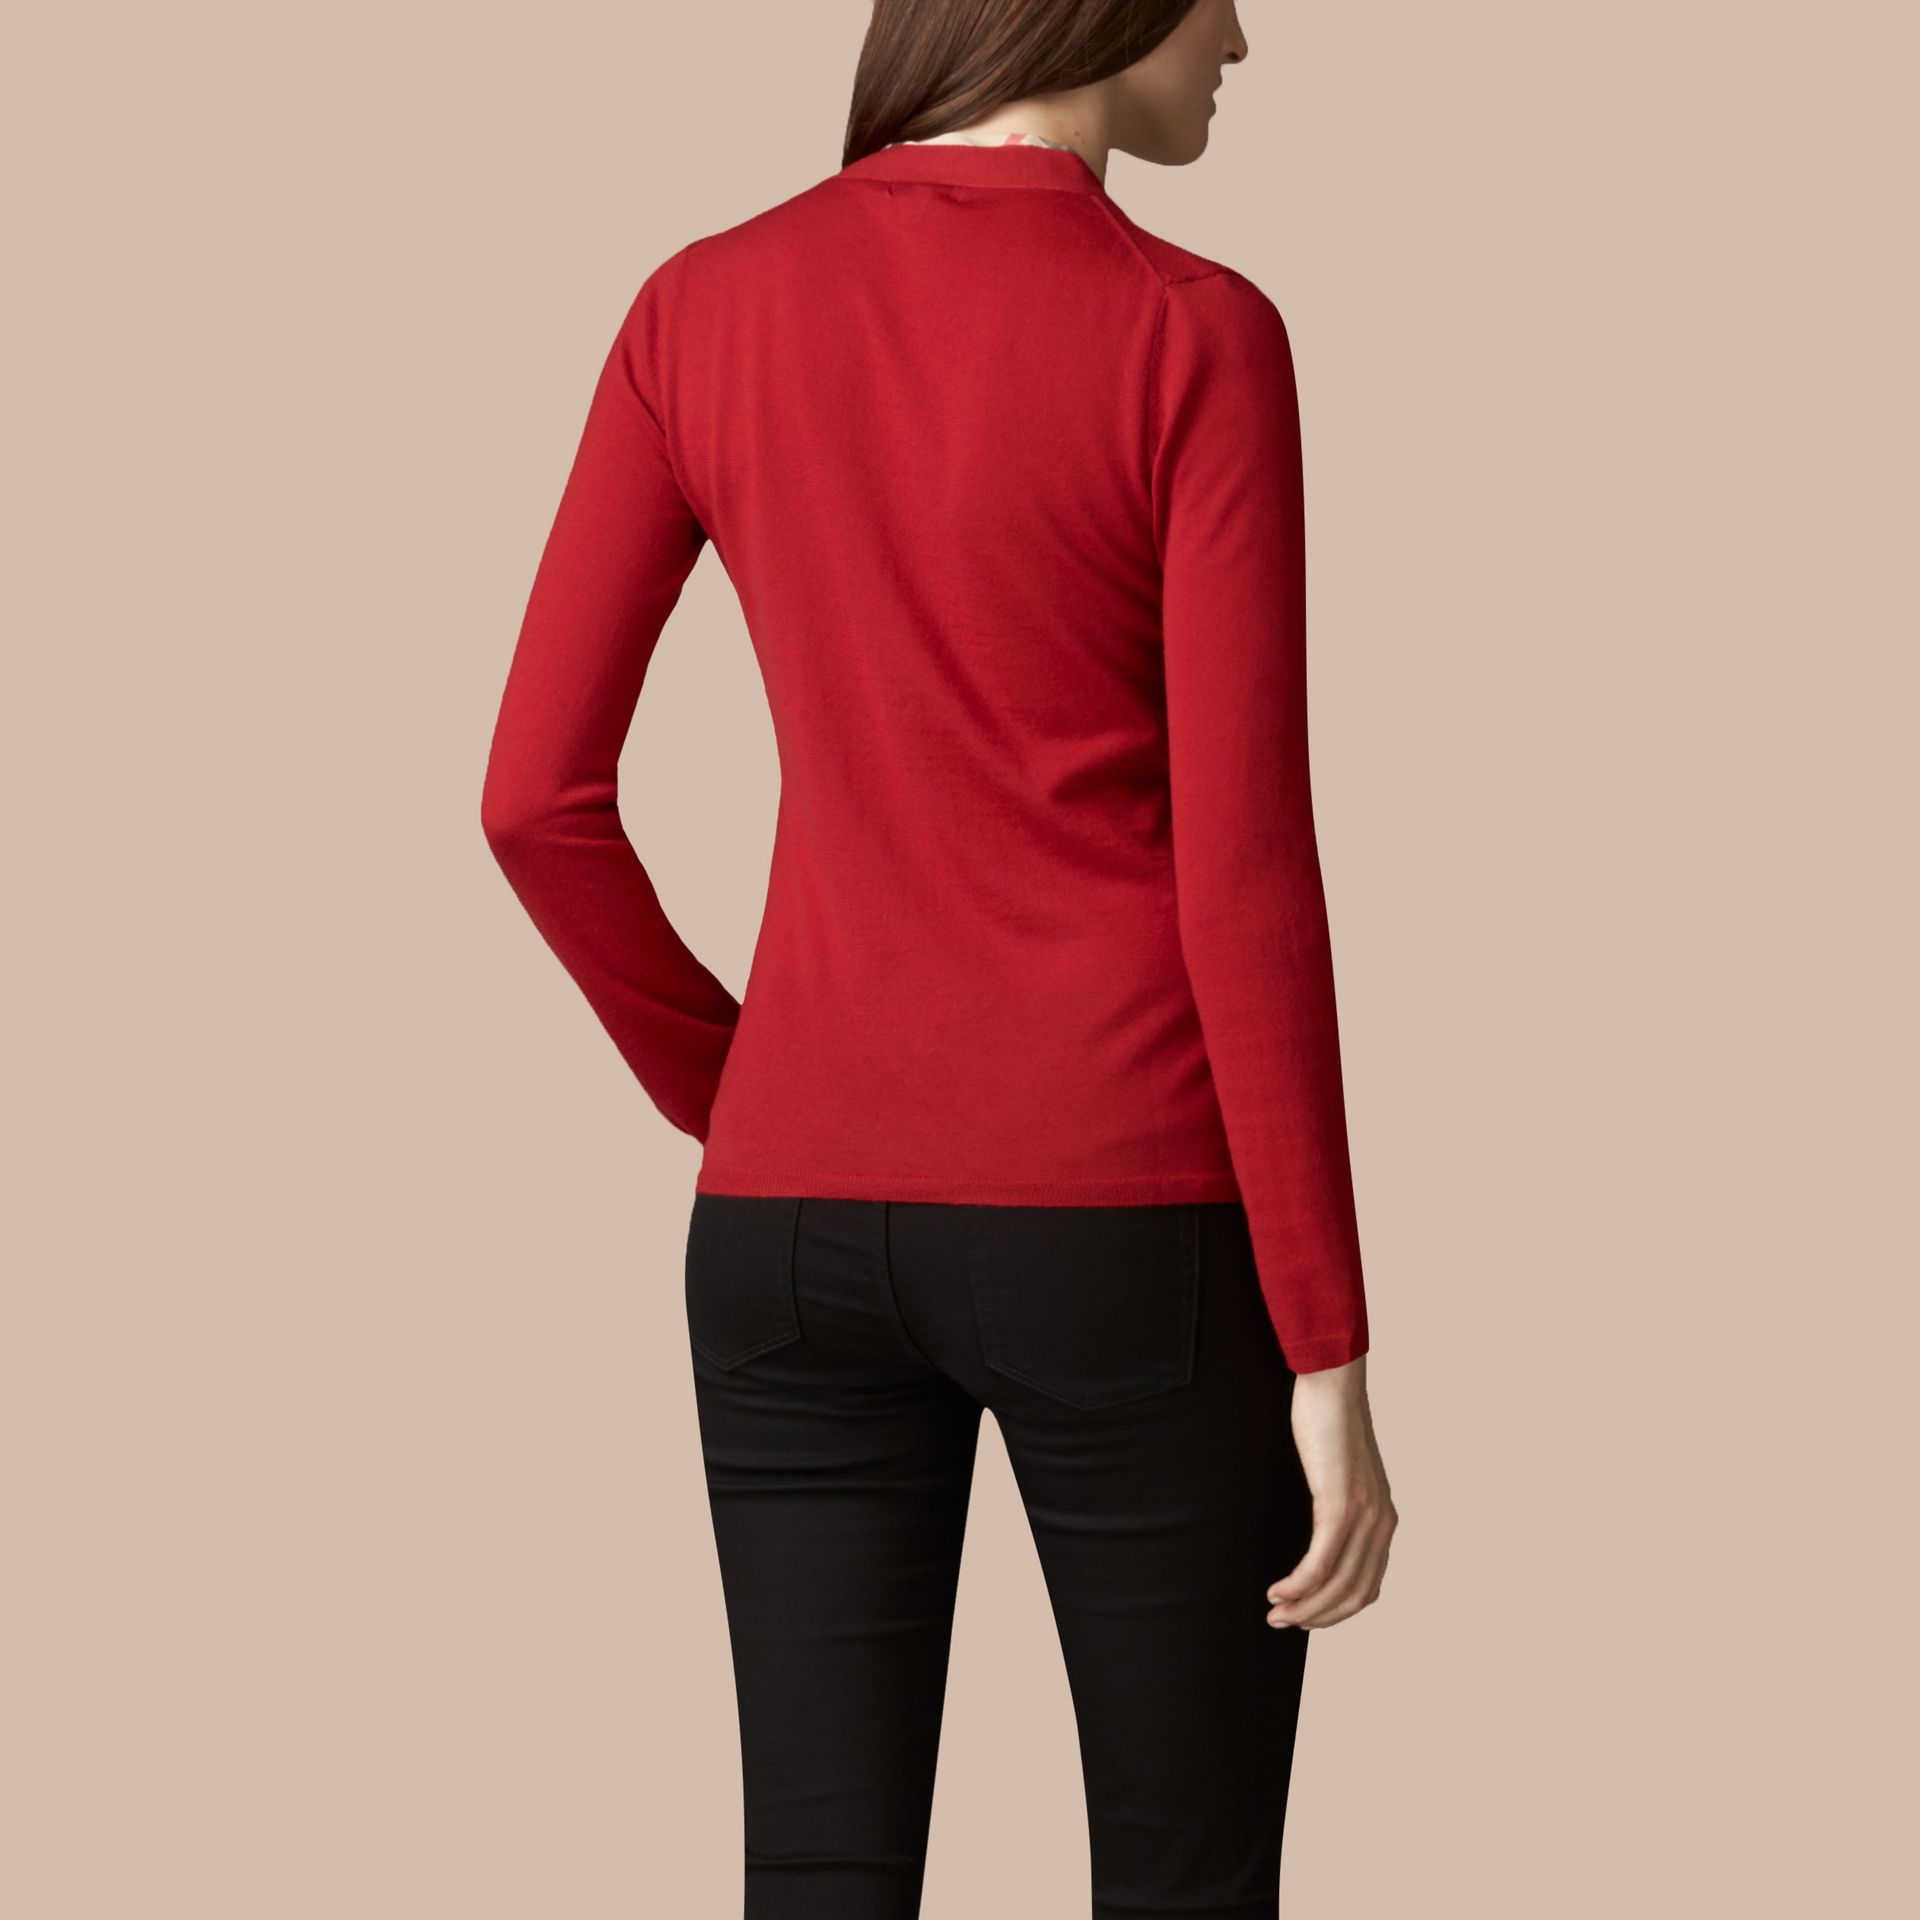 Rosso militare Cardigan in lana con paramontura con motivo check Rosso Militare - immagine della galleria 3